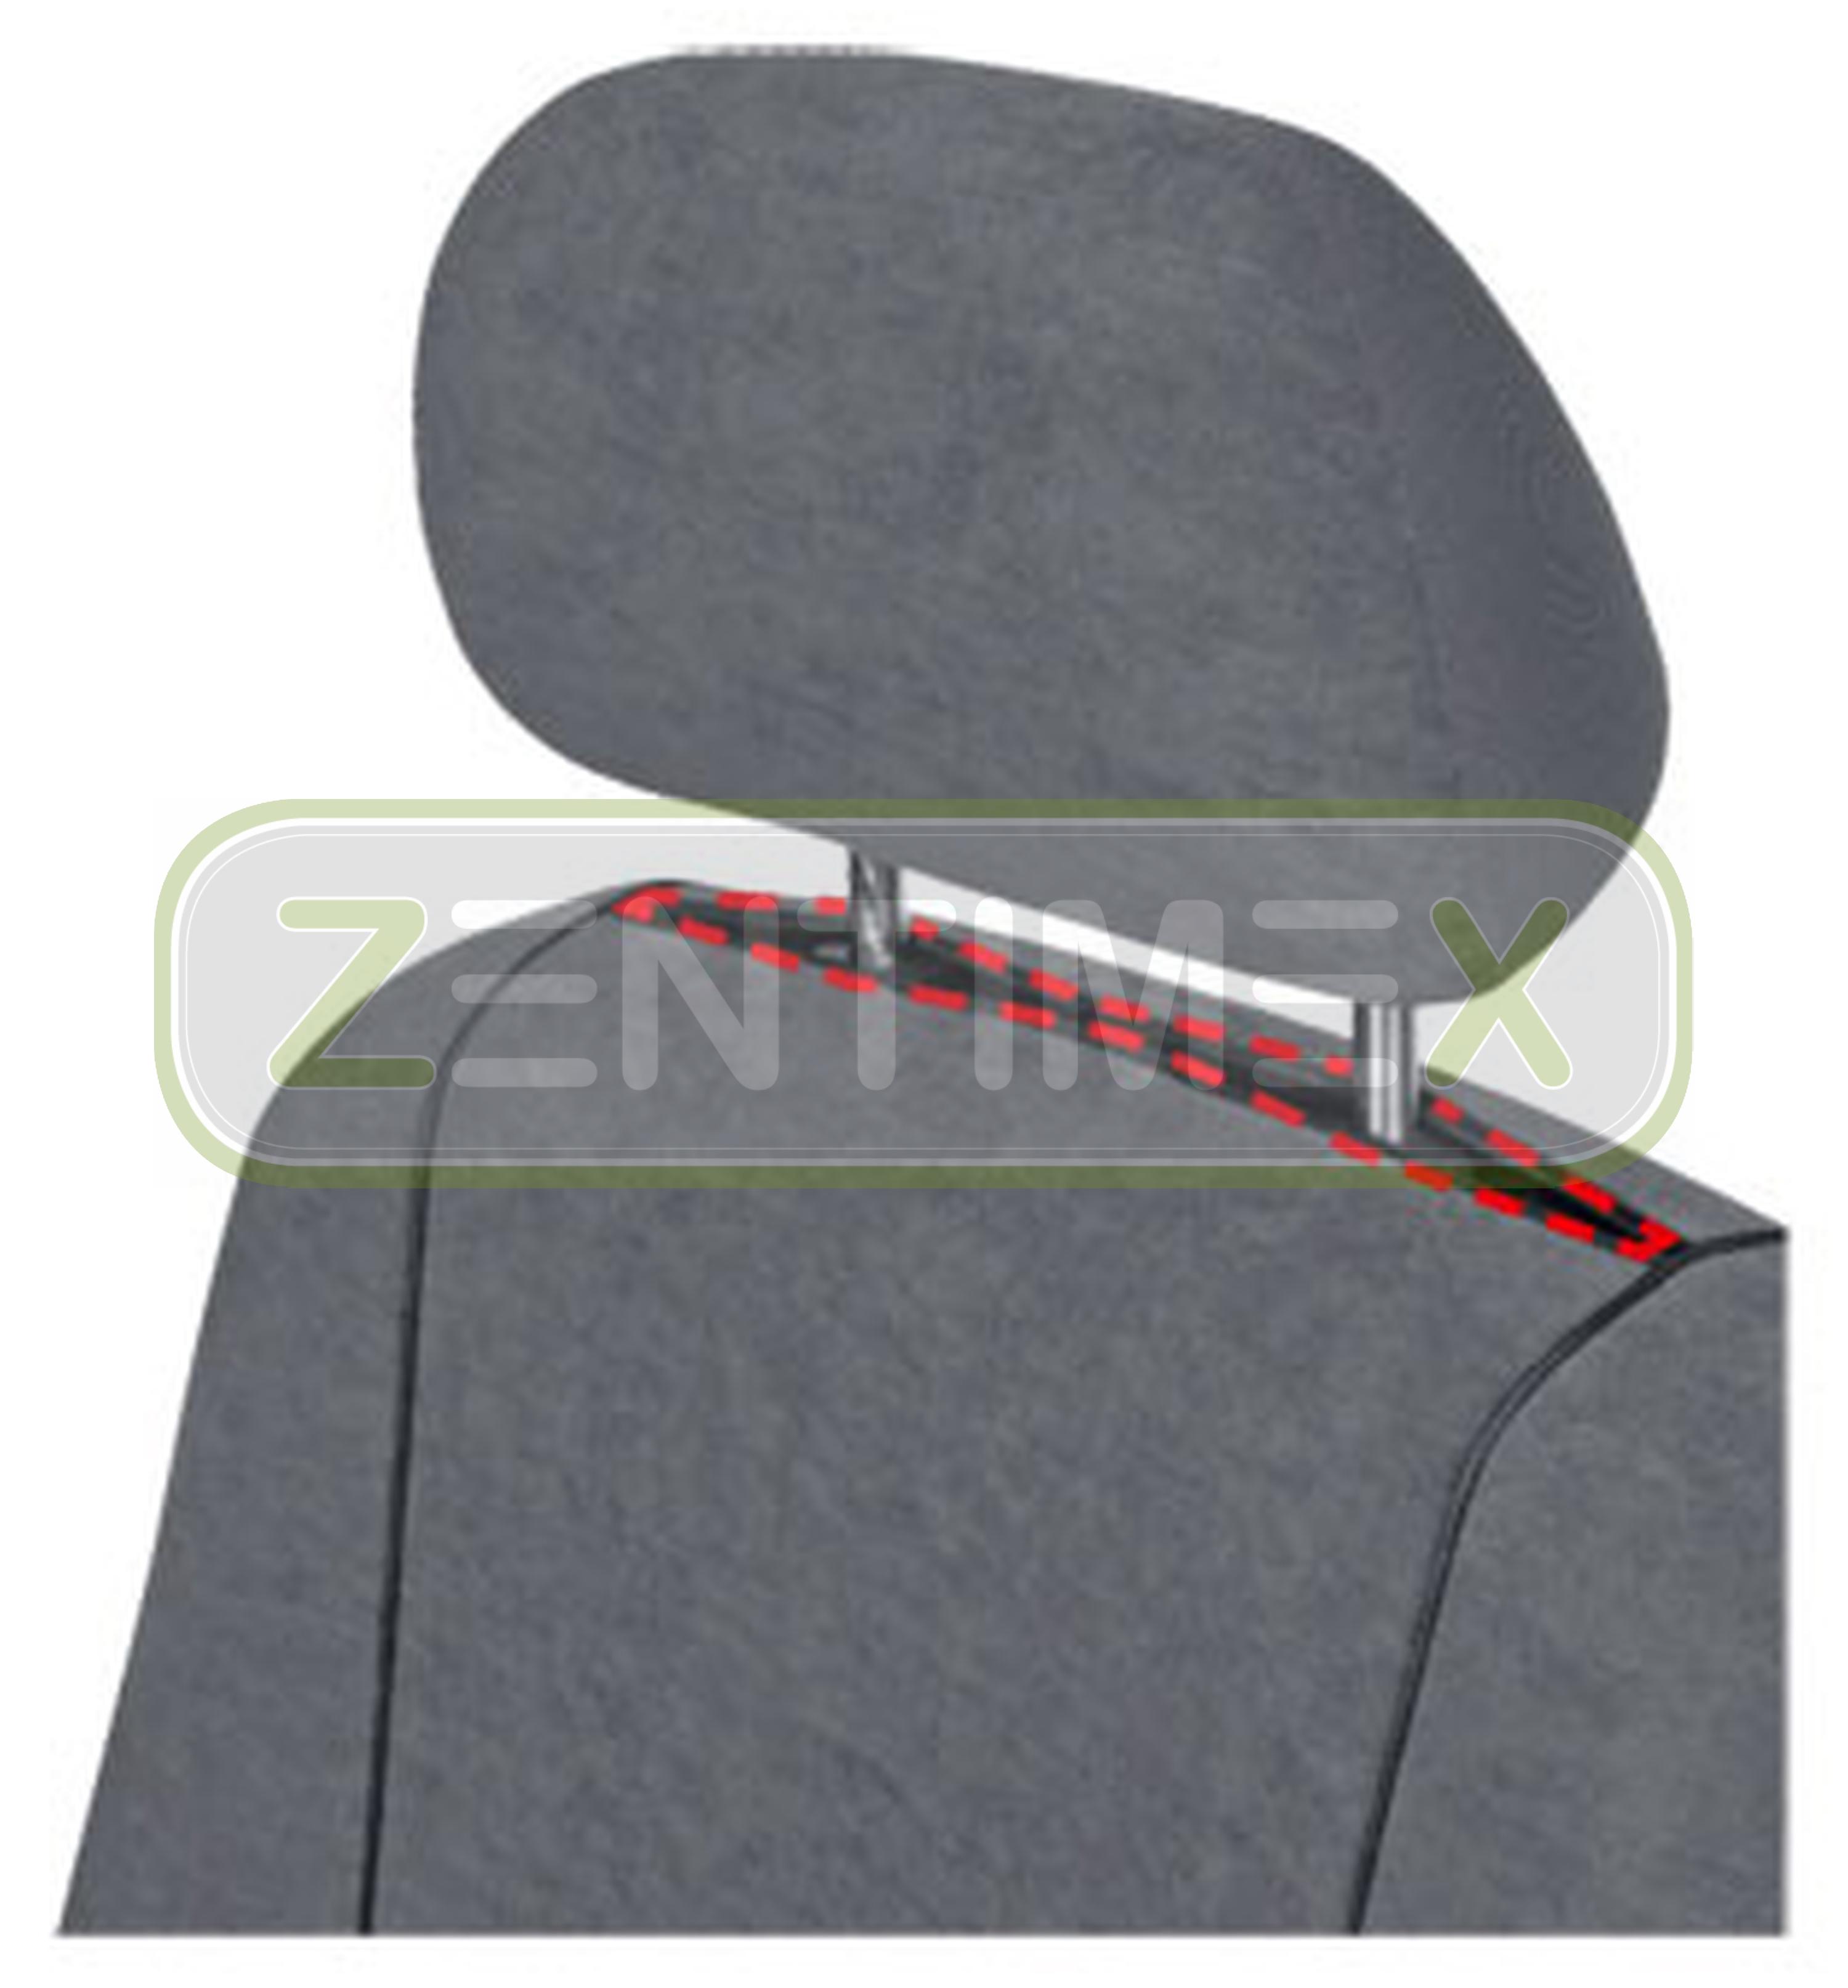 Sitzbezüge Schonbezüge SET EZ VW T5 Transporter Stoff dunkel grau